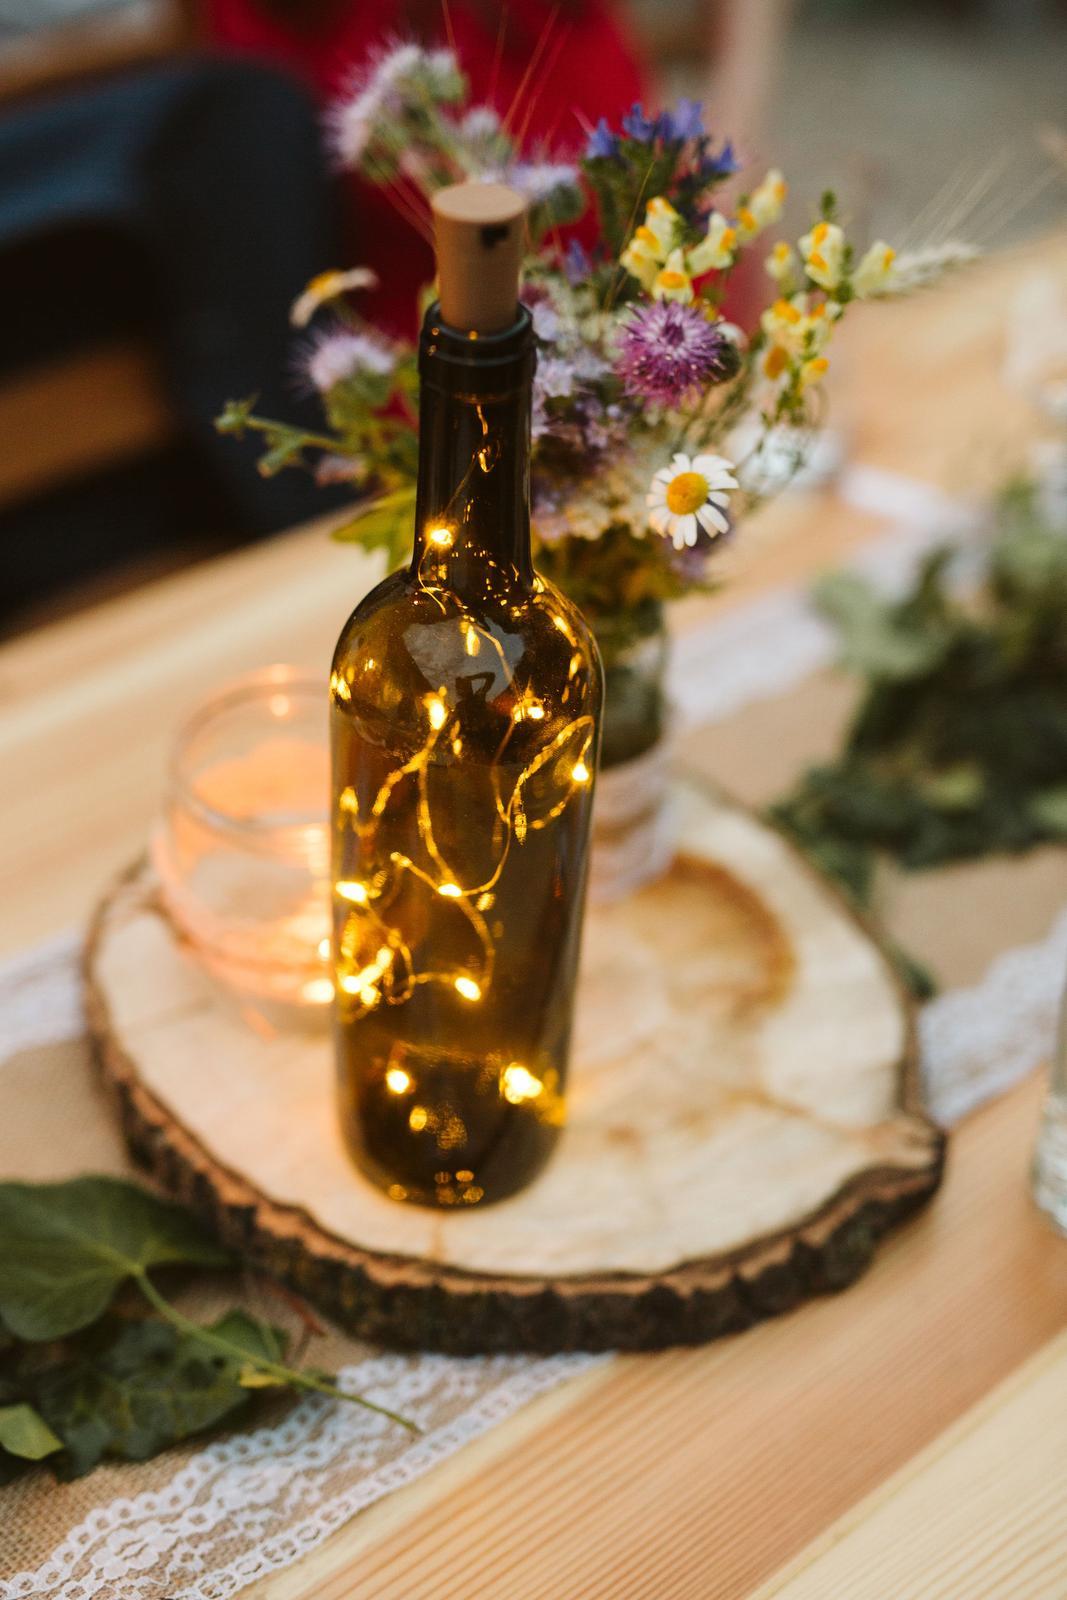 Světýlka do láhve včetně nových baterií - Obrázek č. 1